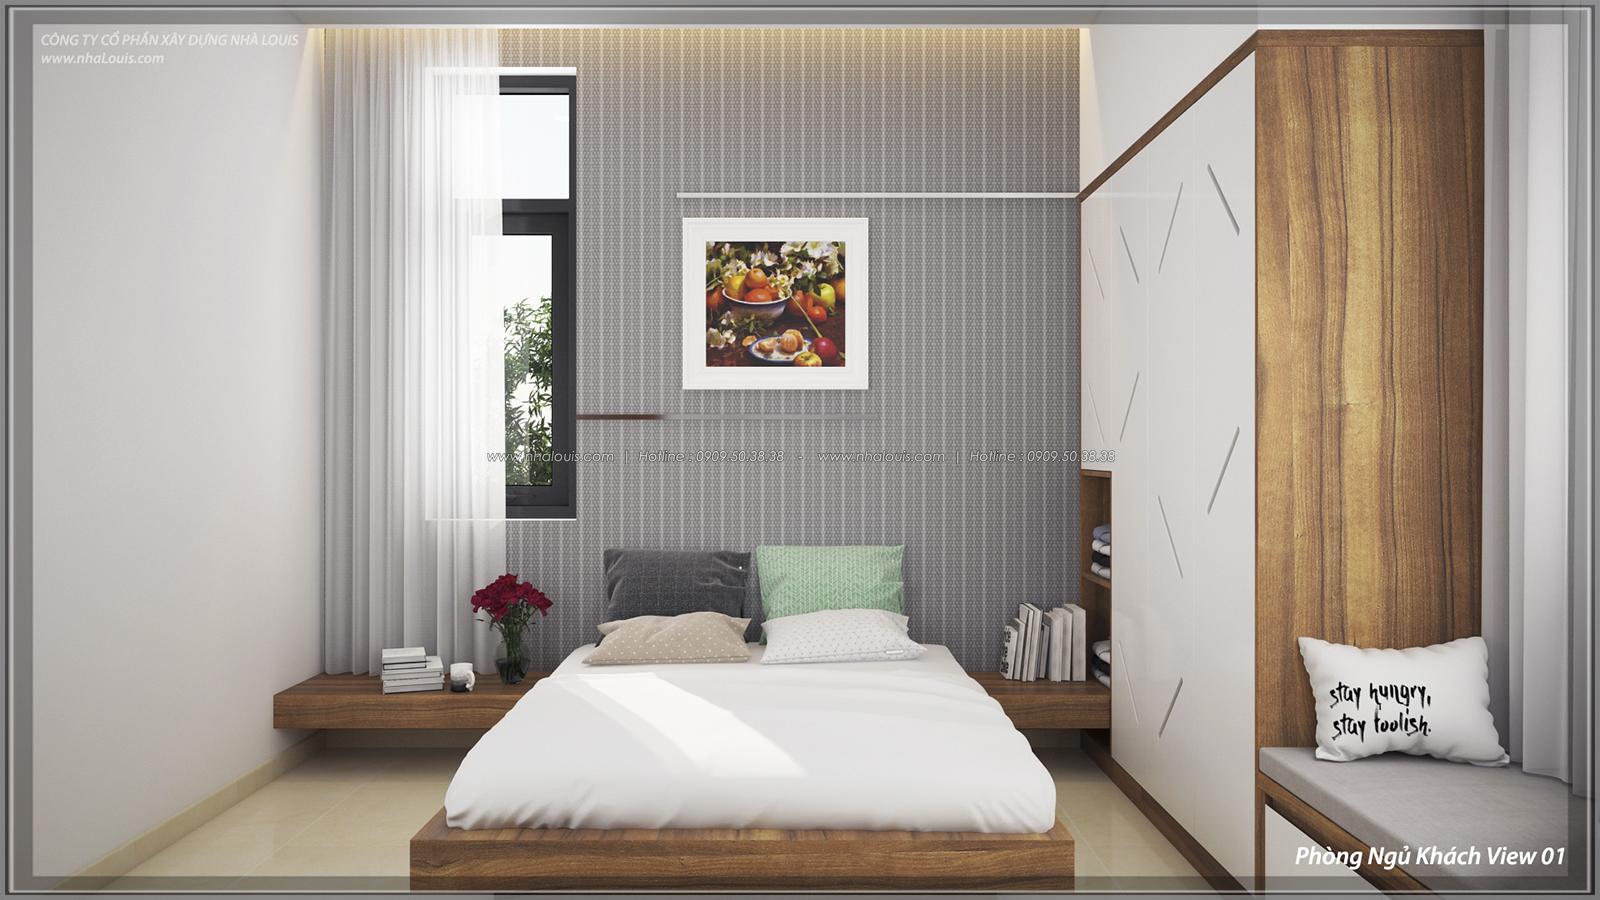 Thiết kế nội thất biệt thự sinh thái cao cấp Lucasta Villa 5 sao tại Quận 9 - 43